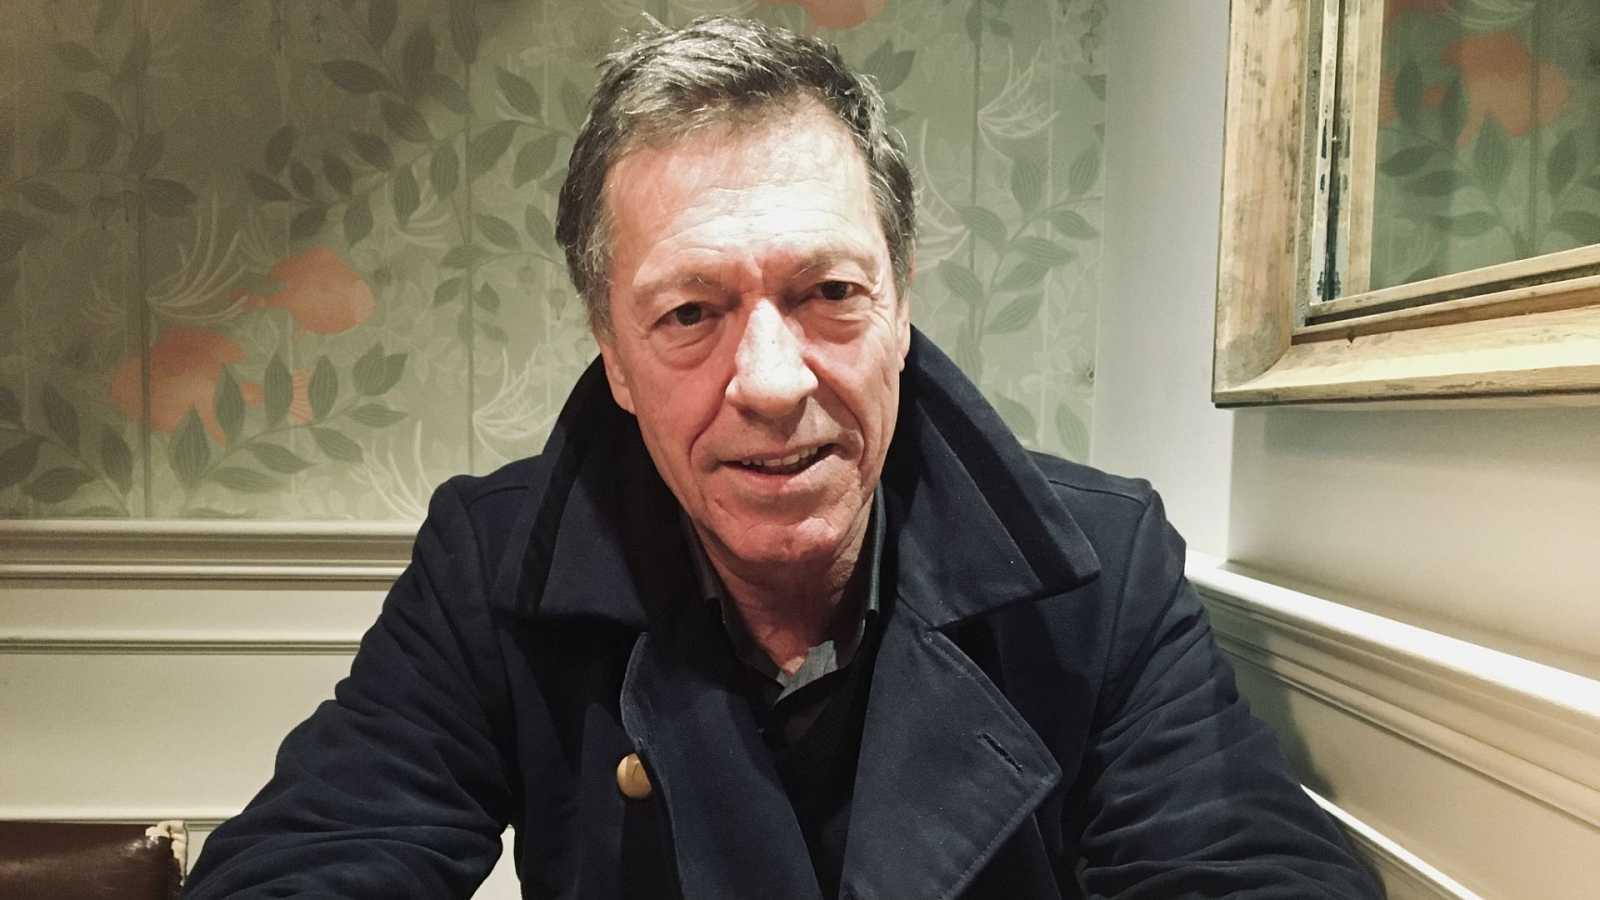 Tarde lo que tarde - Azúcar o sacarina: Ramón Langa, actor 360 - Escuchar ahora